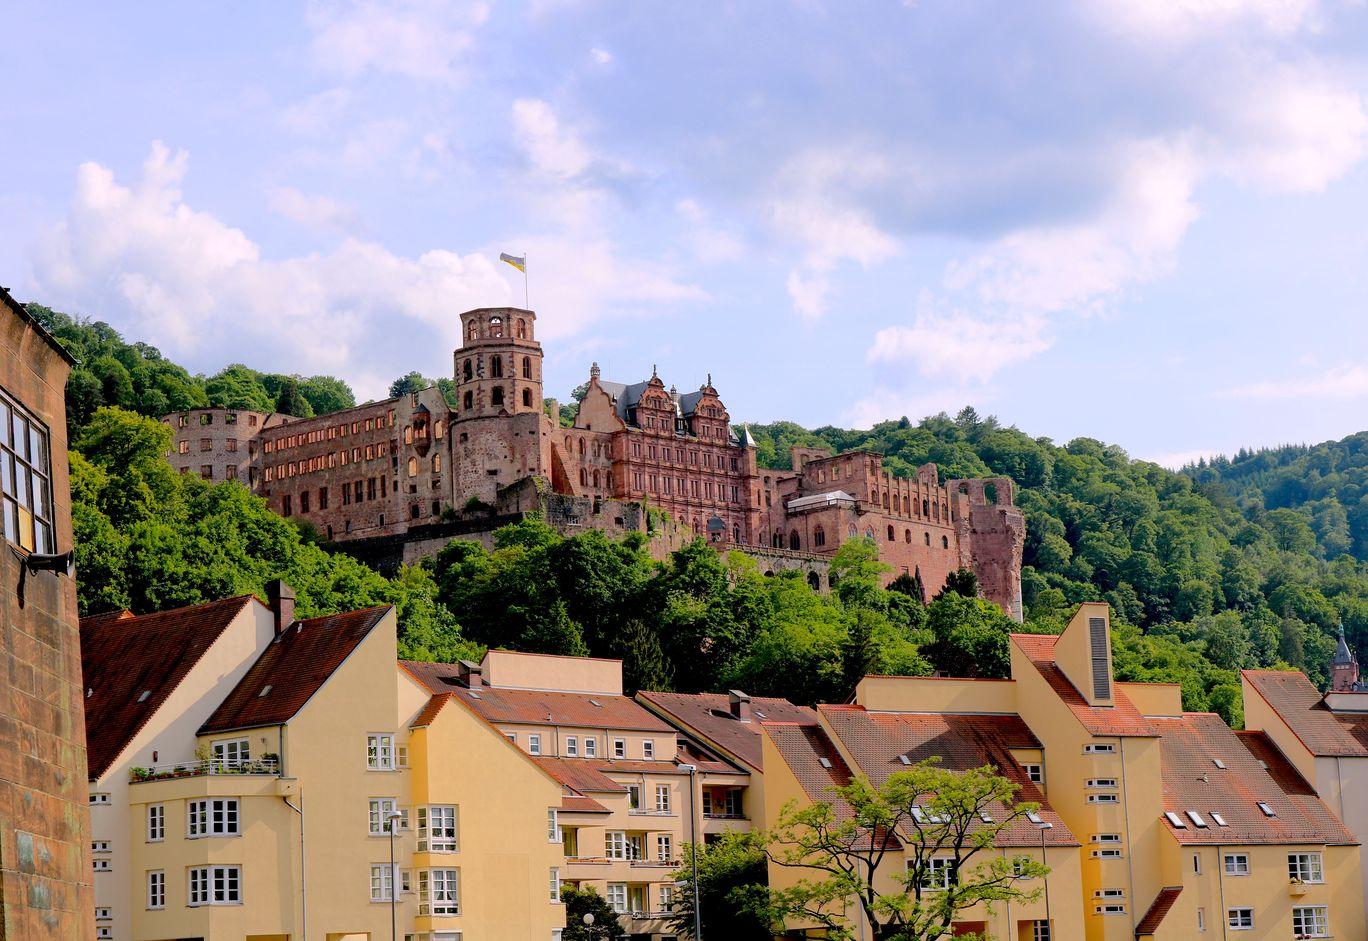 Photo of Heidelberg By Shital Khatri